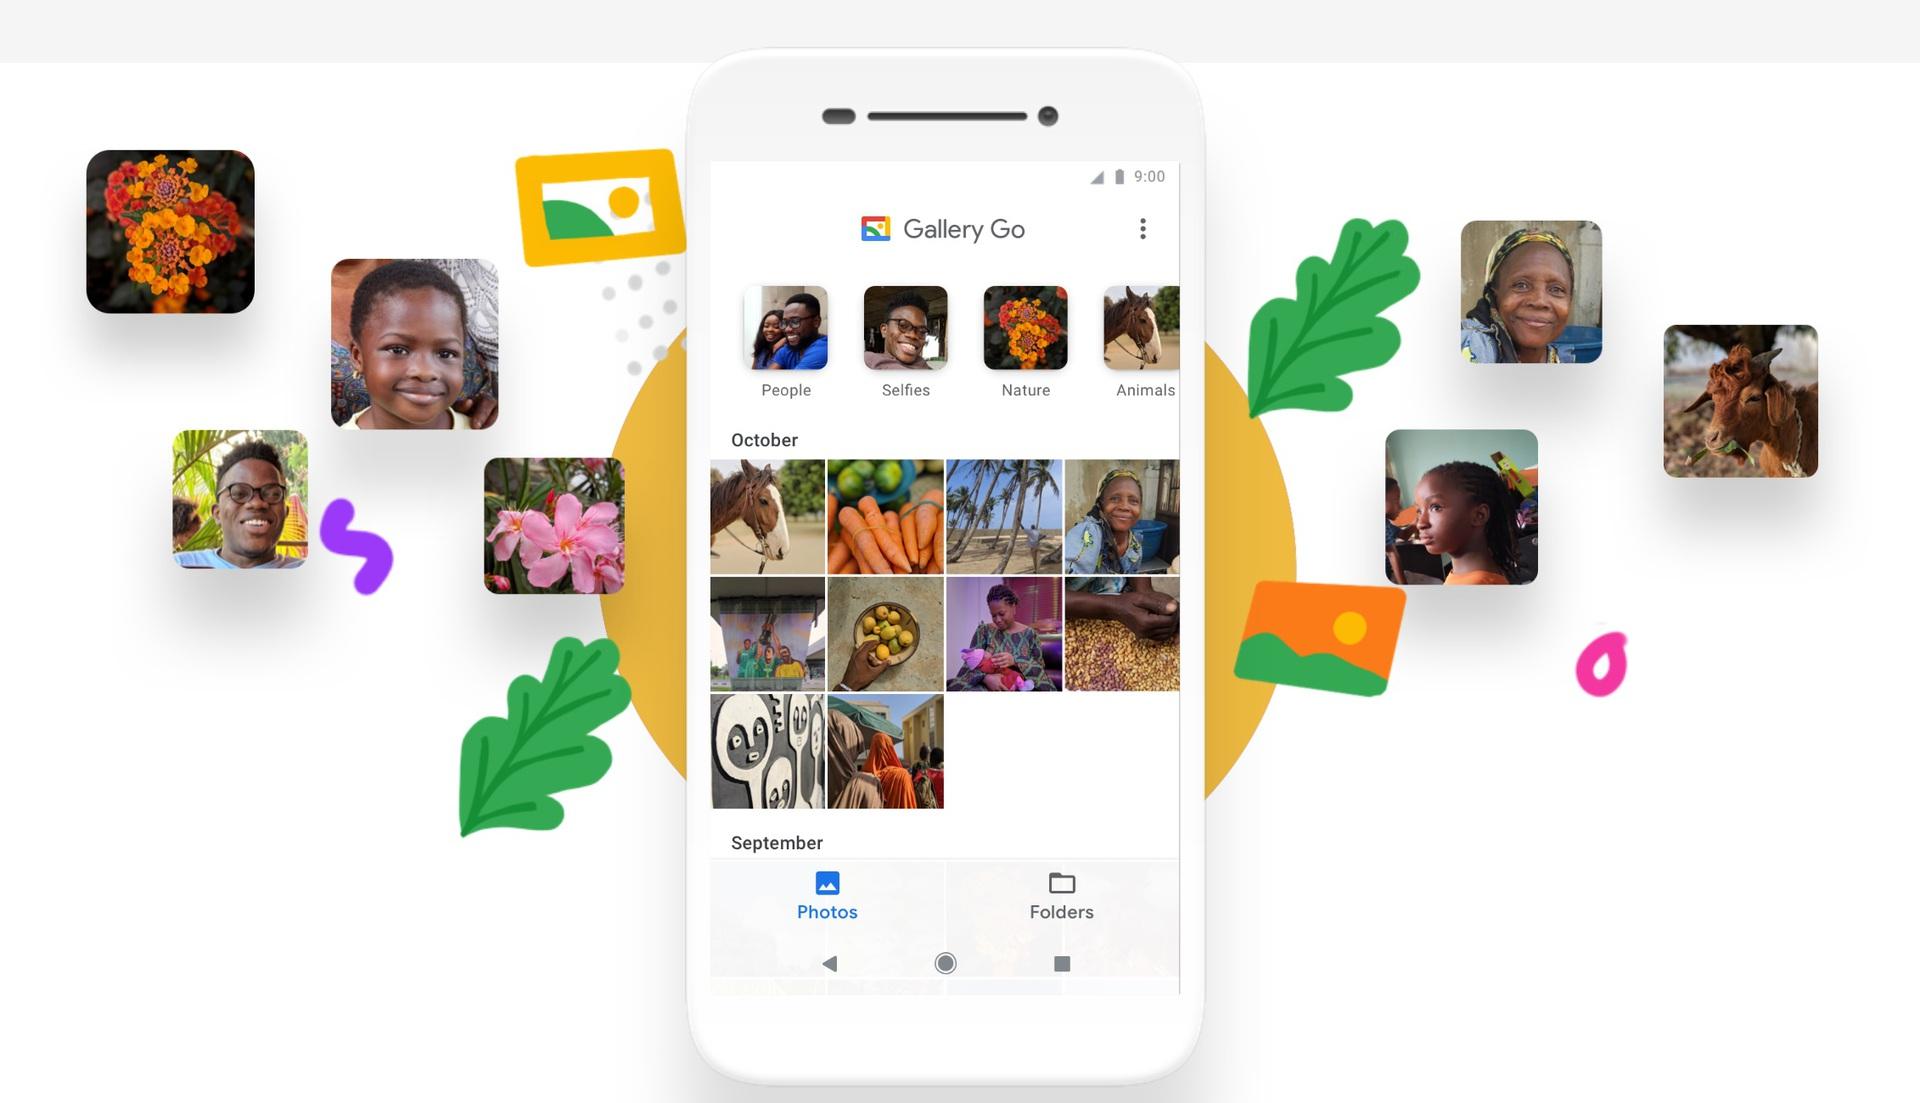 گوگل نسخه سبک اپلیکیشن Photos به اسم Gallery Go را عرضه میکند